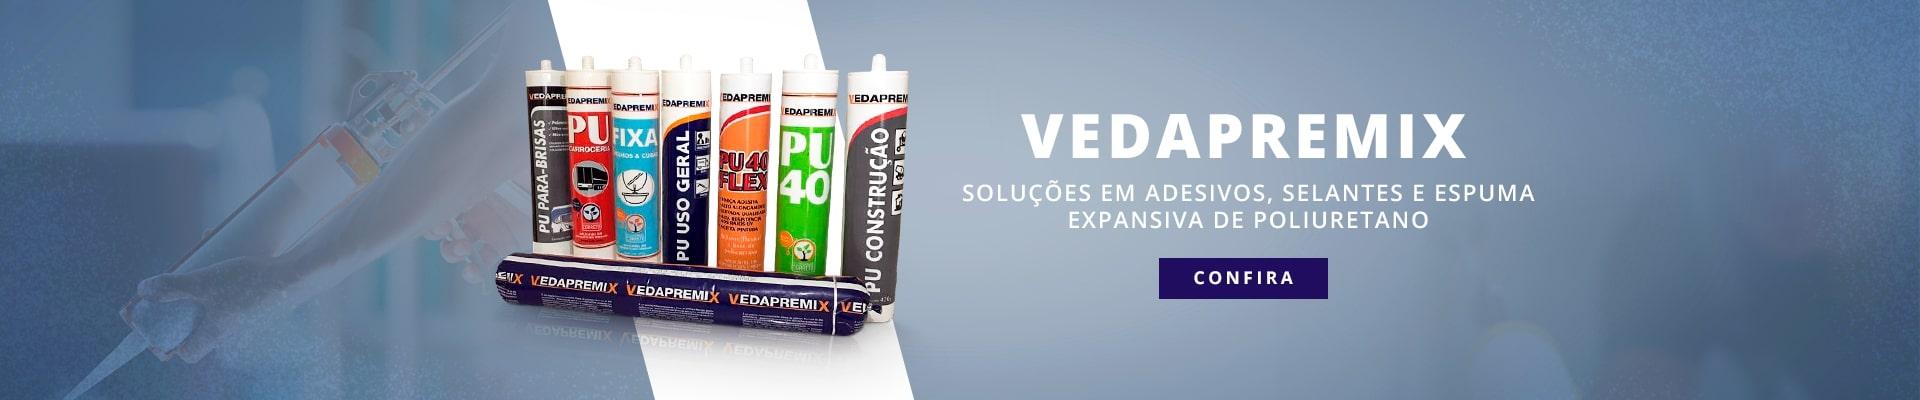 Soluções em adesivos, selantes e espuma expansiva de poliuretano